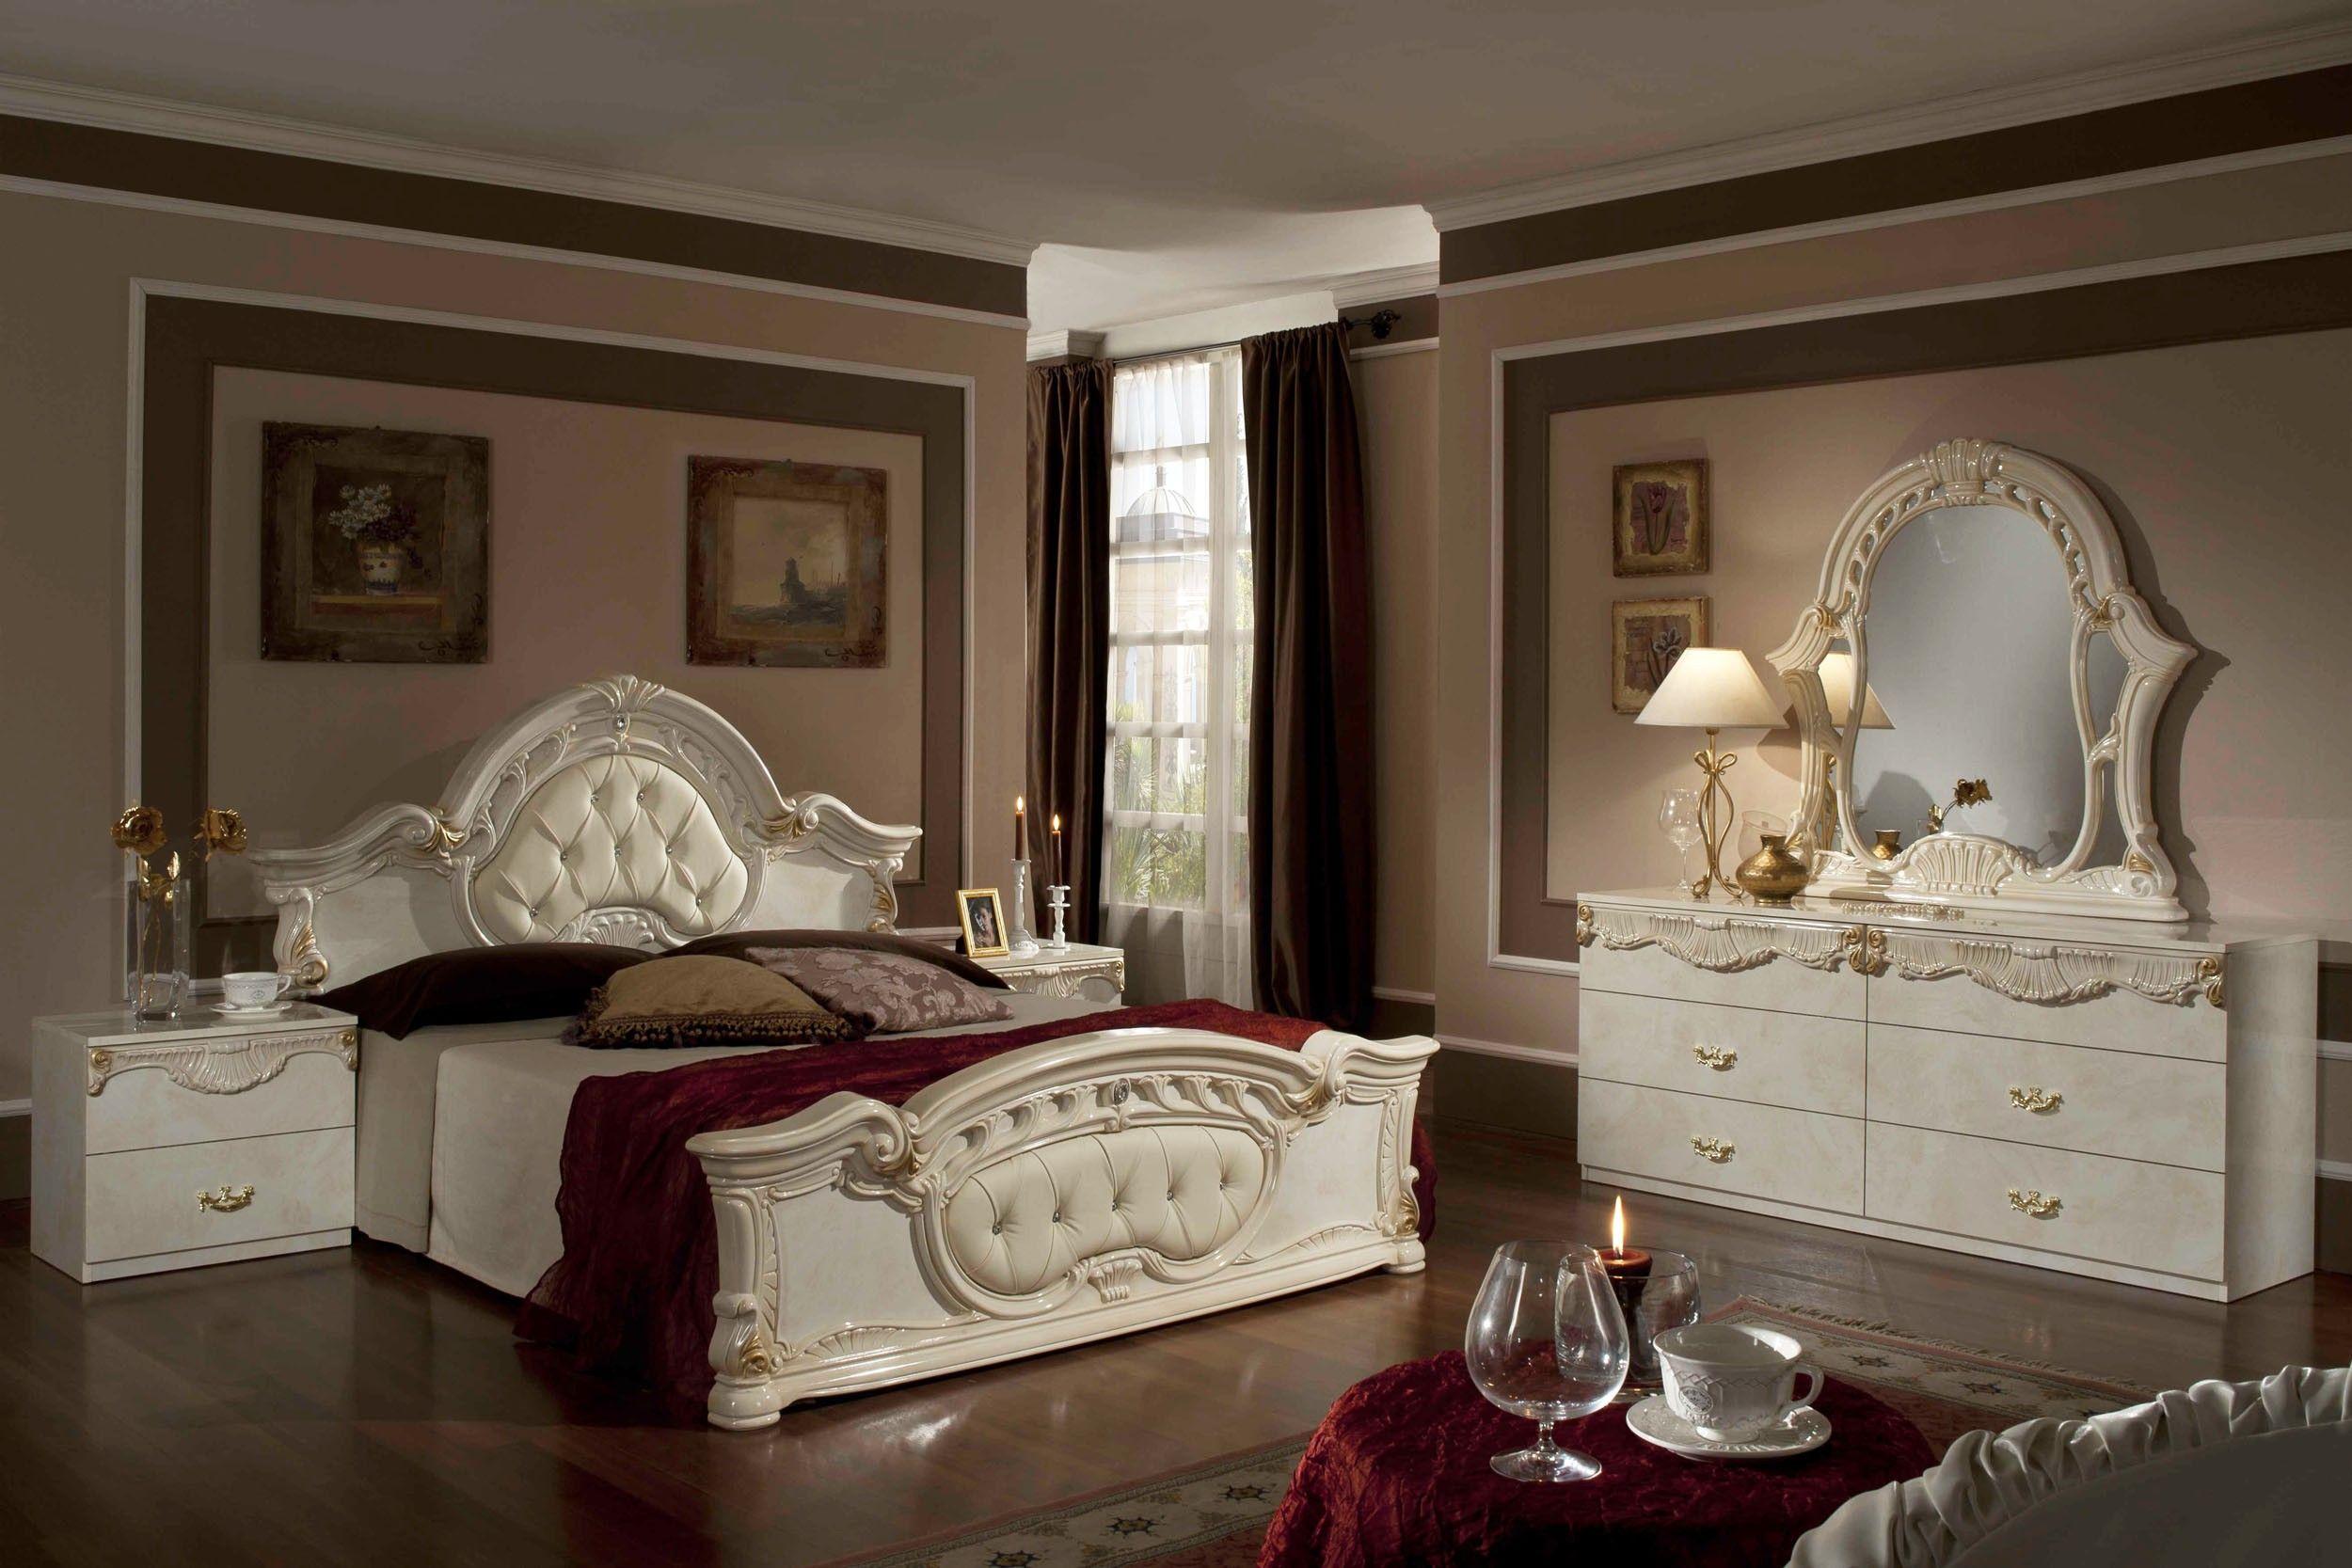 Modrest Rococo   Italian Classic Beige Bedroom Set. $2,230